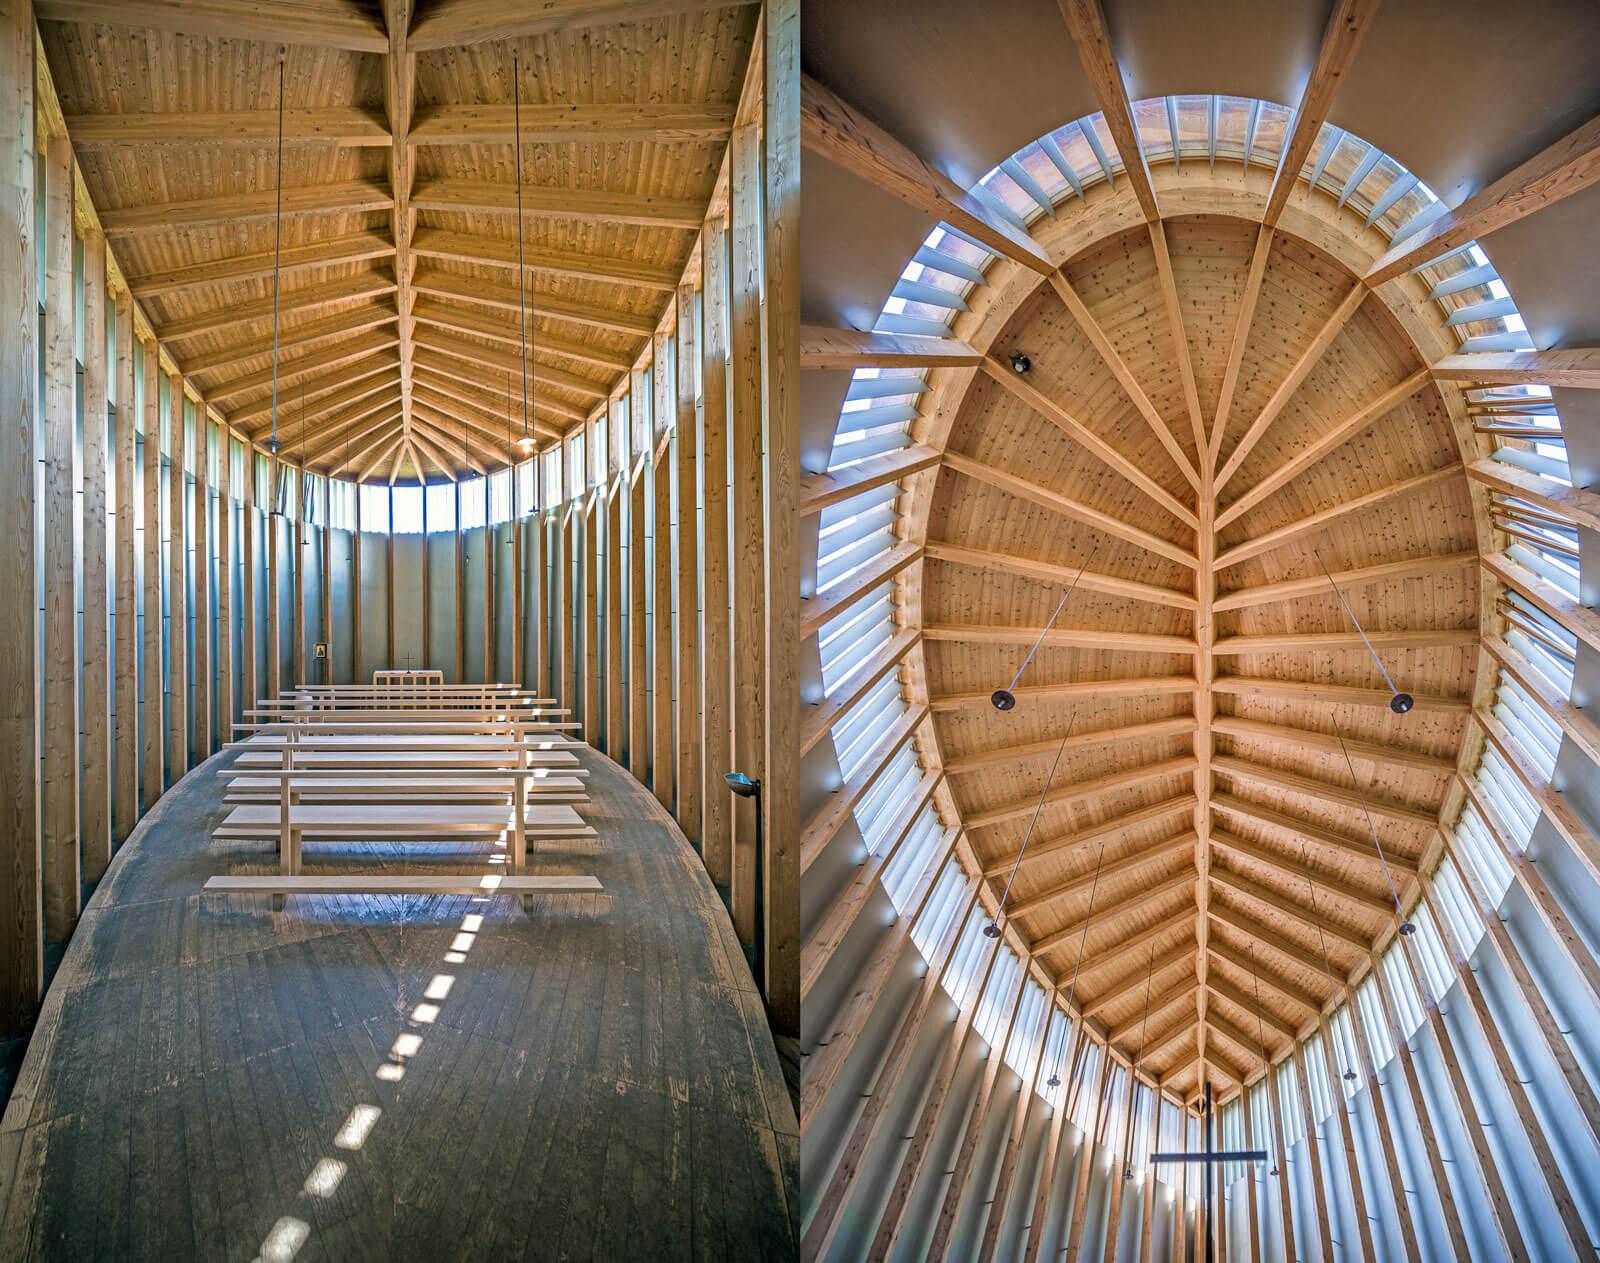 Saint Benedict Chapel in Sumvitg, Switzerland